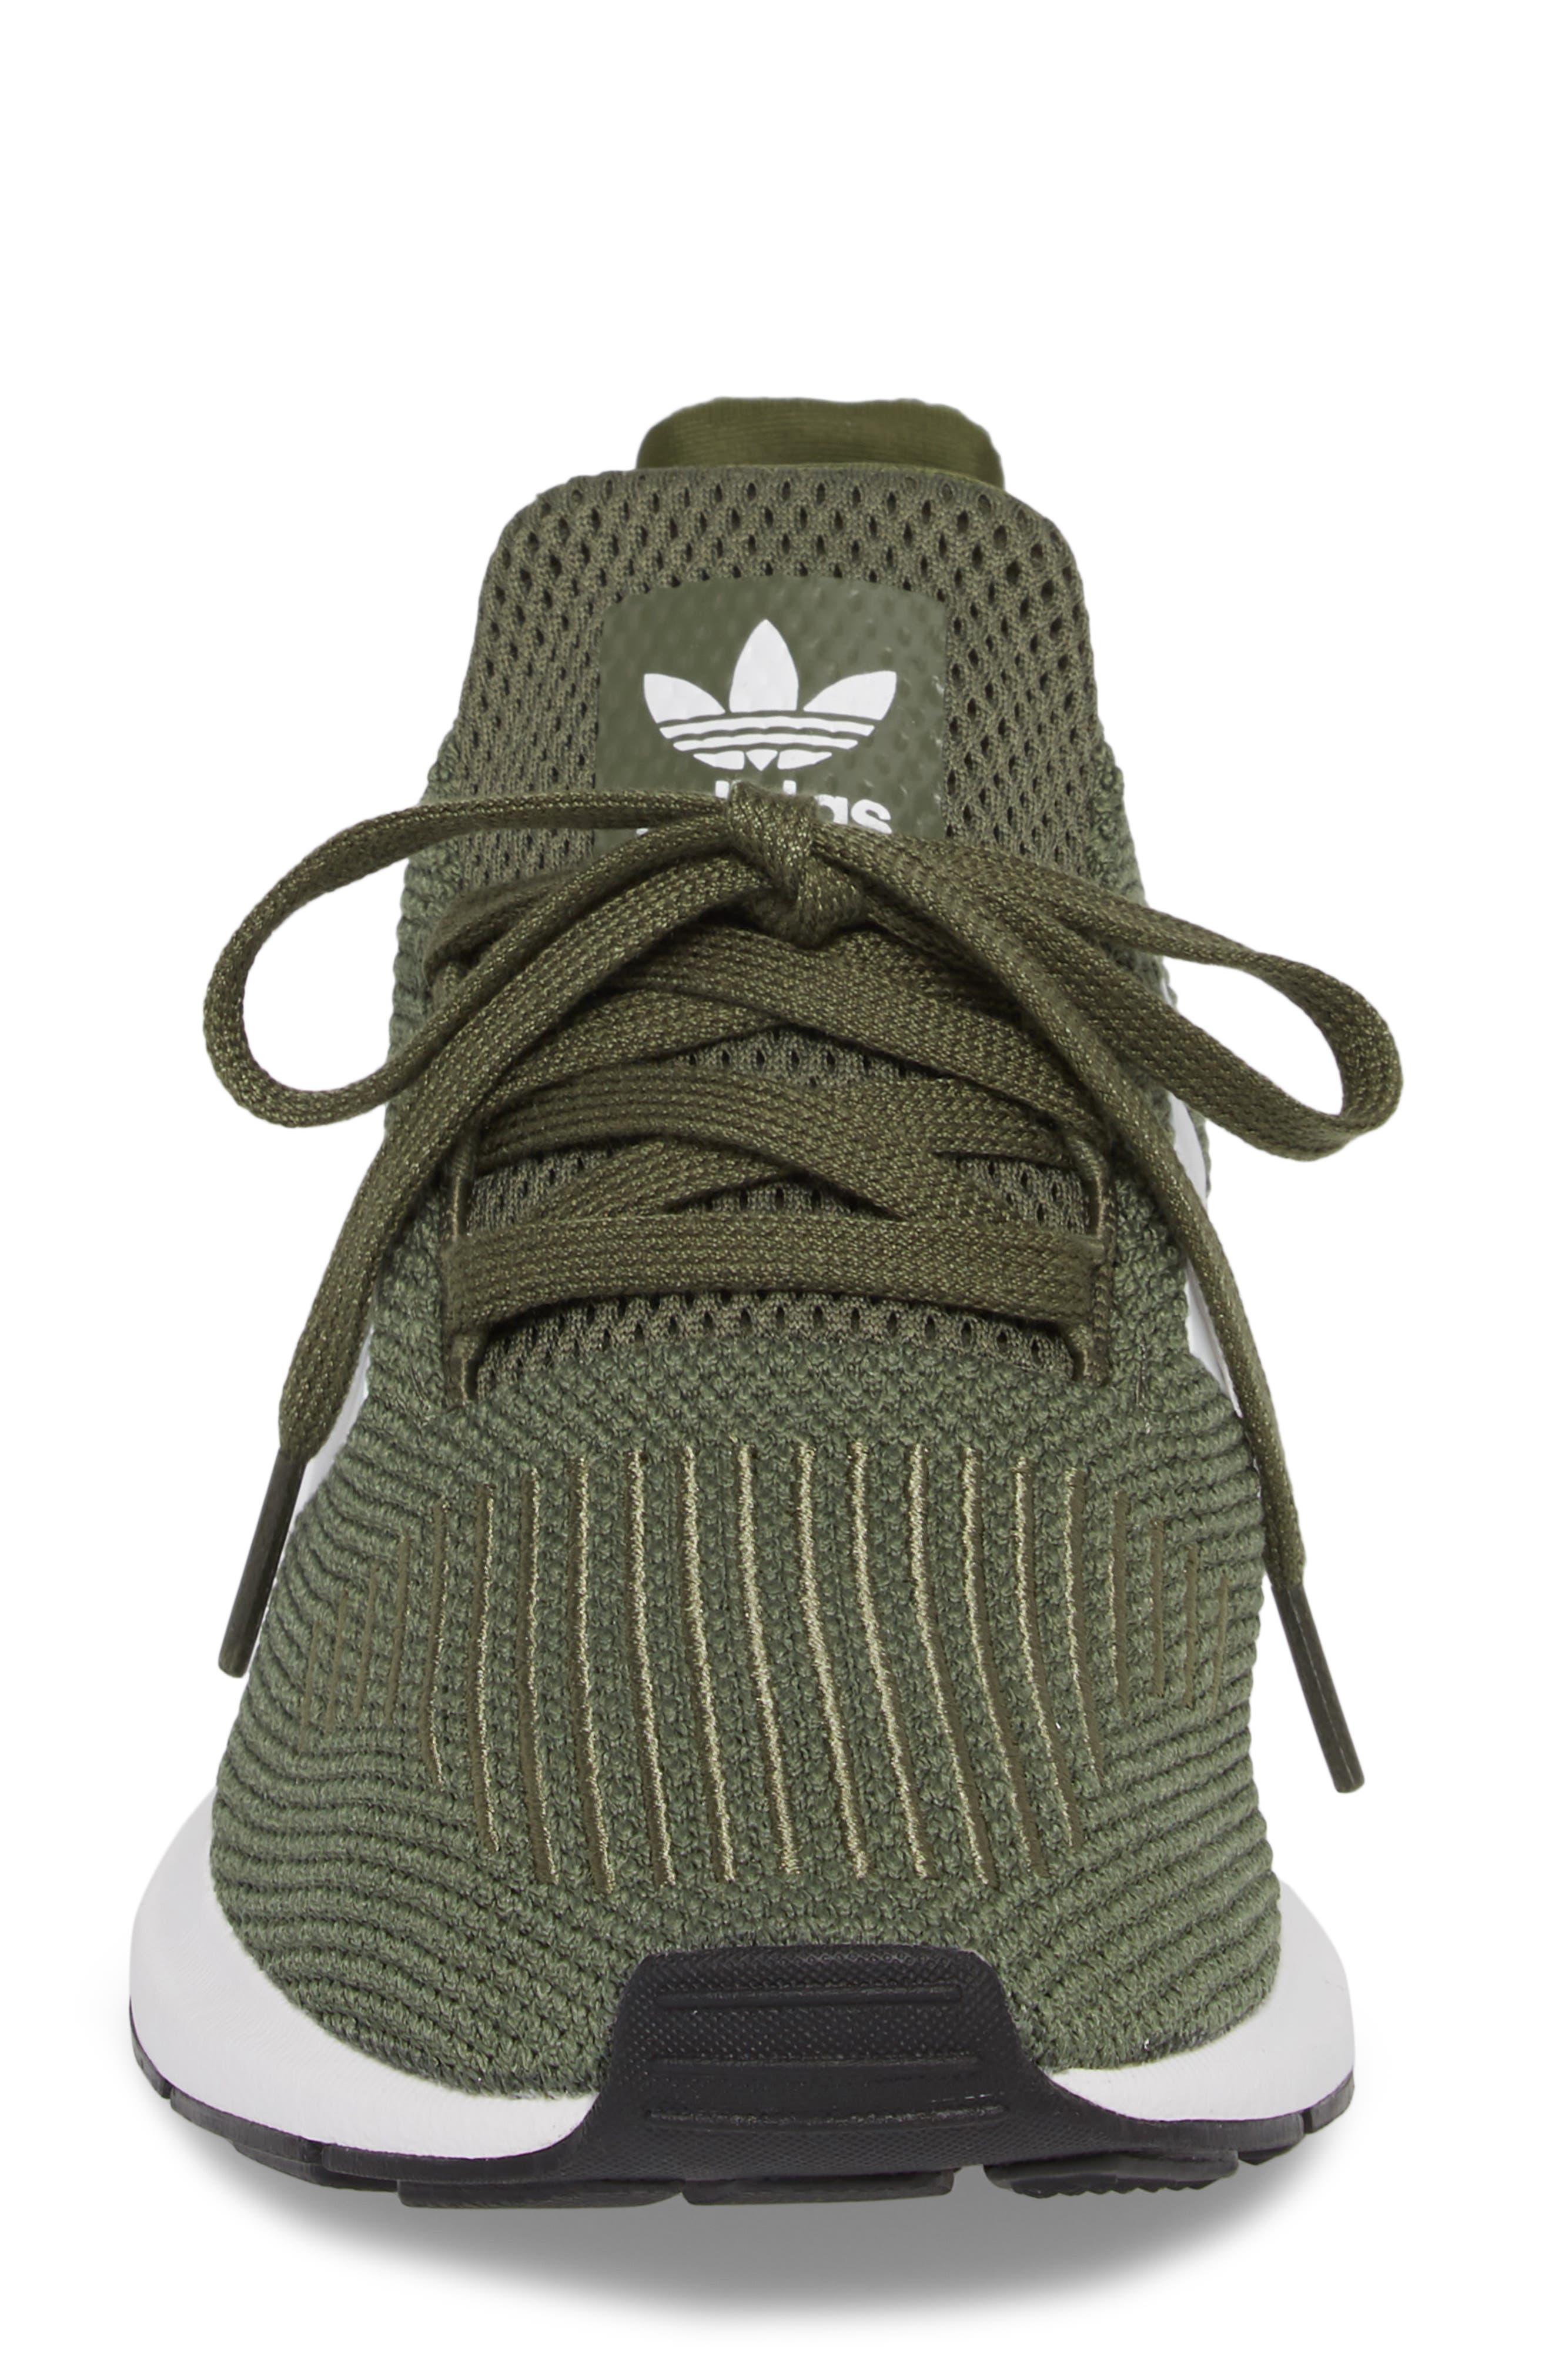 Swift Run Sneaker,                             Alternate thumbnail 3, color,                             Base Green/ White/ Black